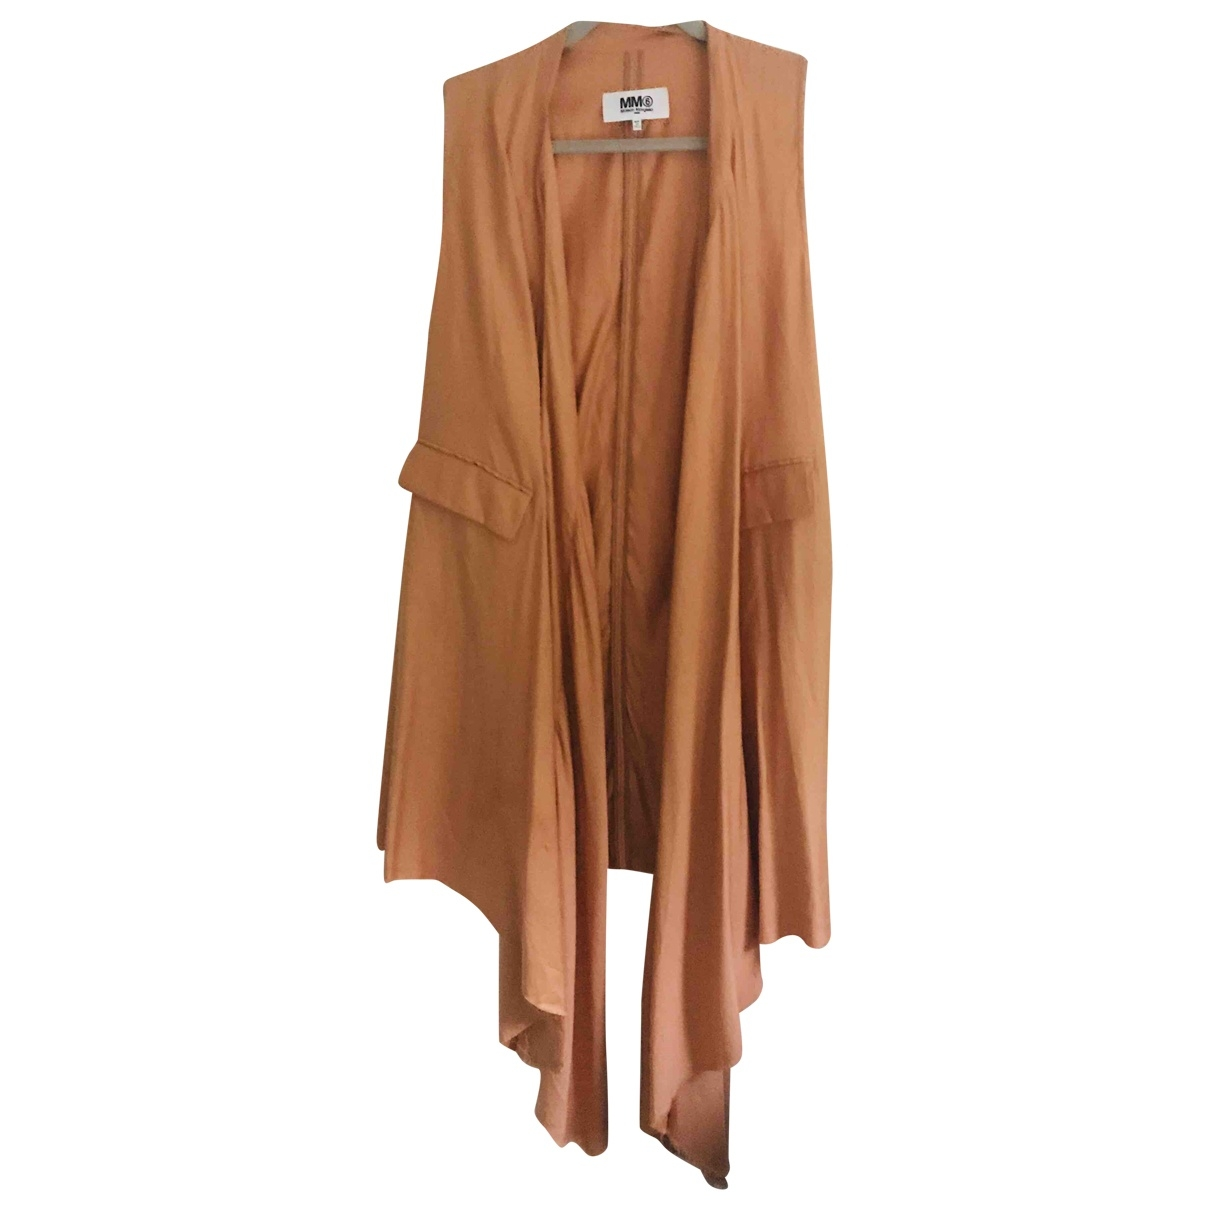 Mm6 \N Orange jacket for Women 38 FR